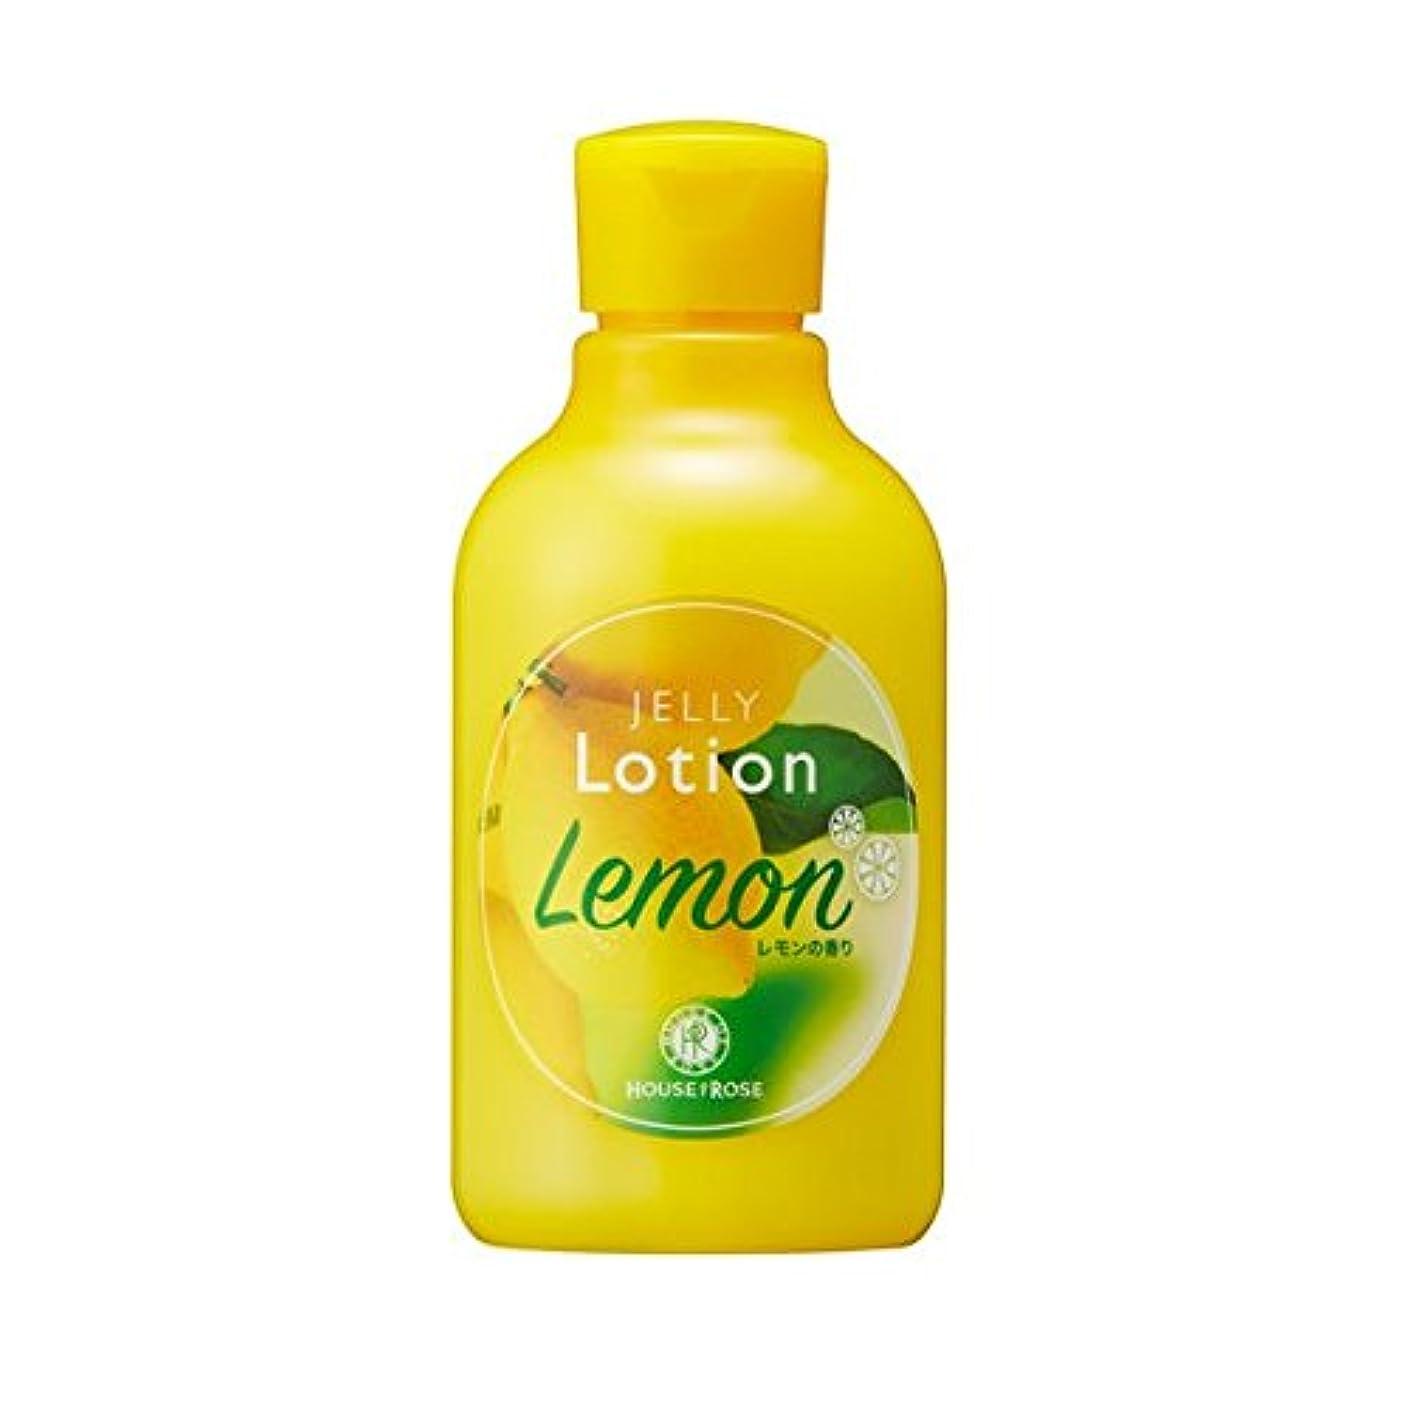 下手のれんにはまってHOUSE OF ROSE(ハウスオブローゼ) ハウスオブローゼ/ジェリーローション LM(レモンの香り)200mL